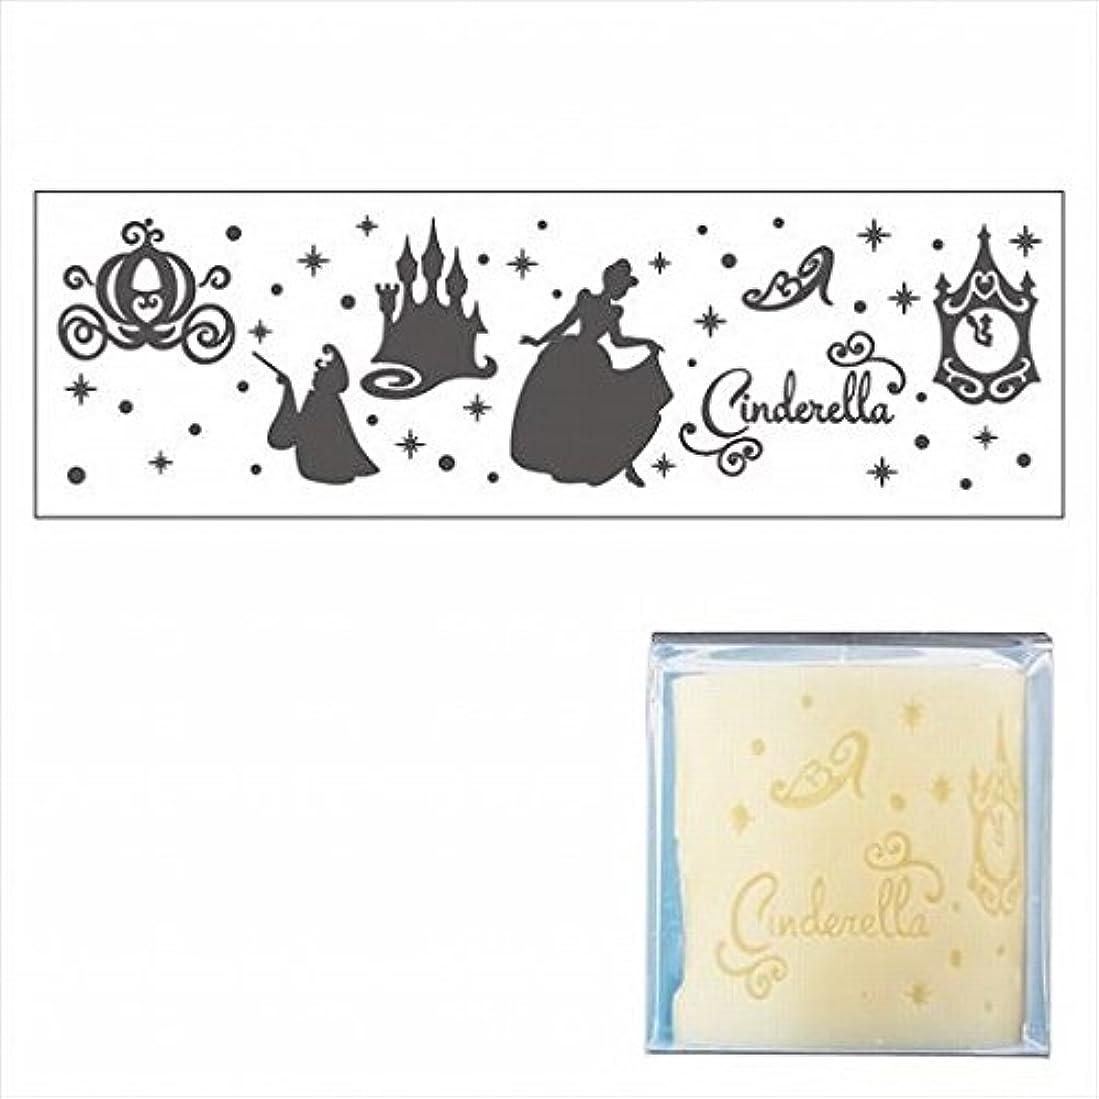 征服者ヒップ予測するkameyama candle(カメヤマキャンドル) ディズニーLEDキャンドル 「 シンデレラ 」(A4320030)